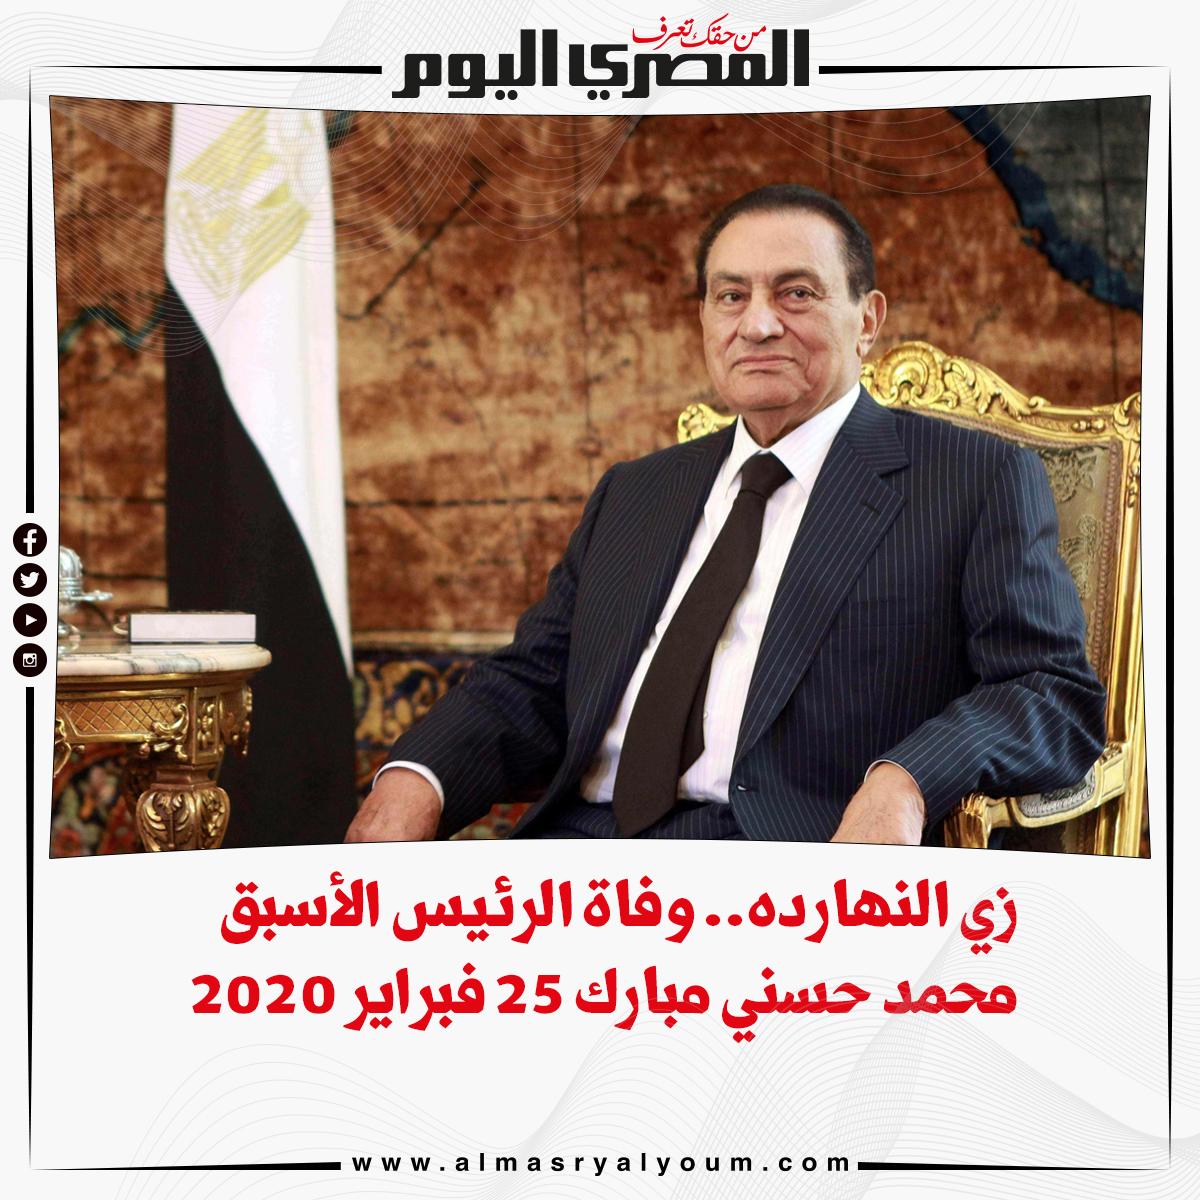 «زي النهارده».. وفاة الرئيس الأسبق محمد حسني مبارك 25 فبراير 2020